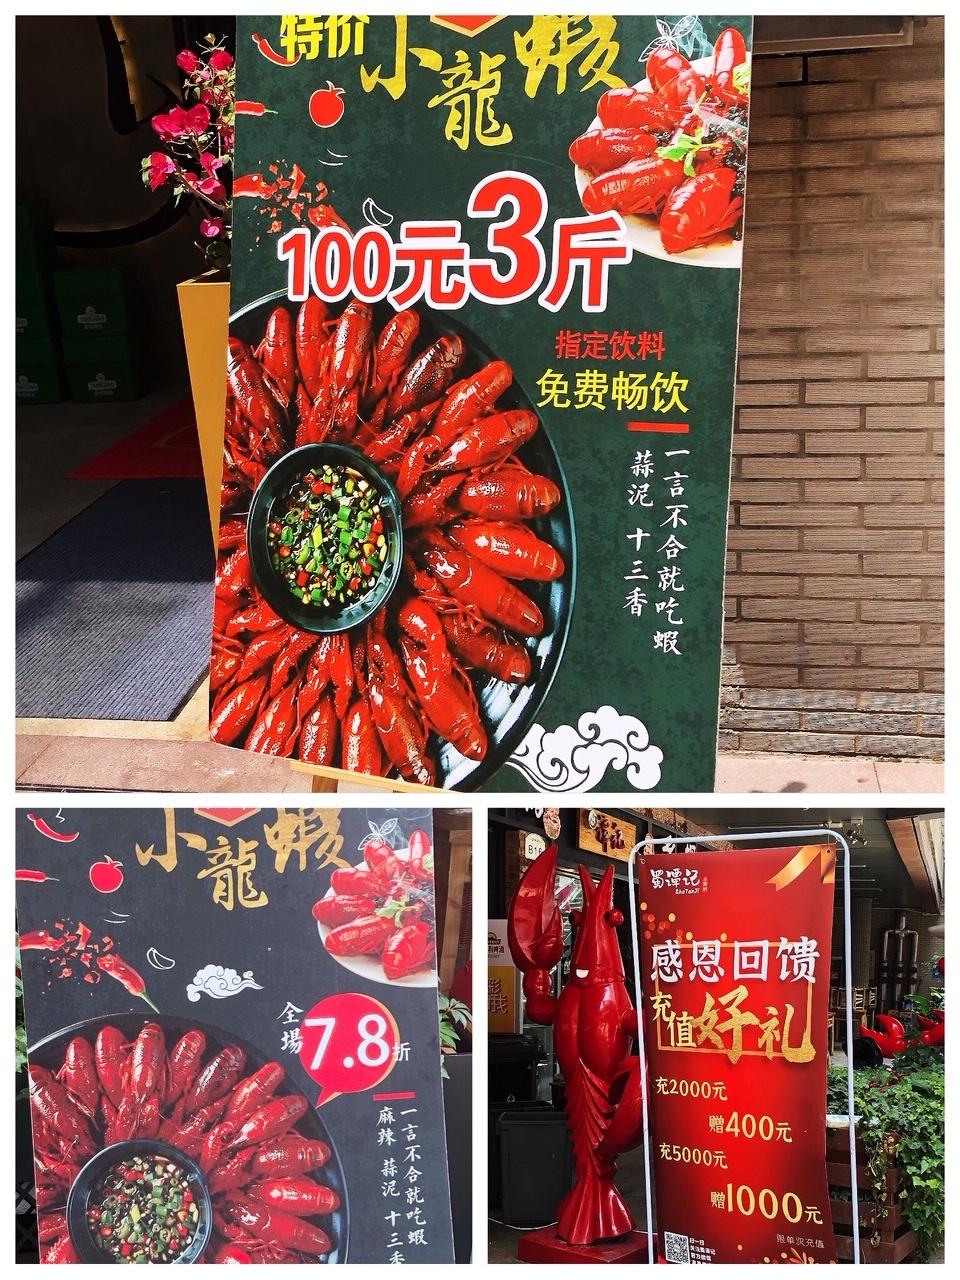 上海•ザリガニのPOPもインパクト大!